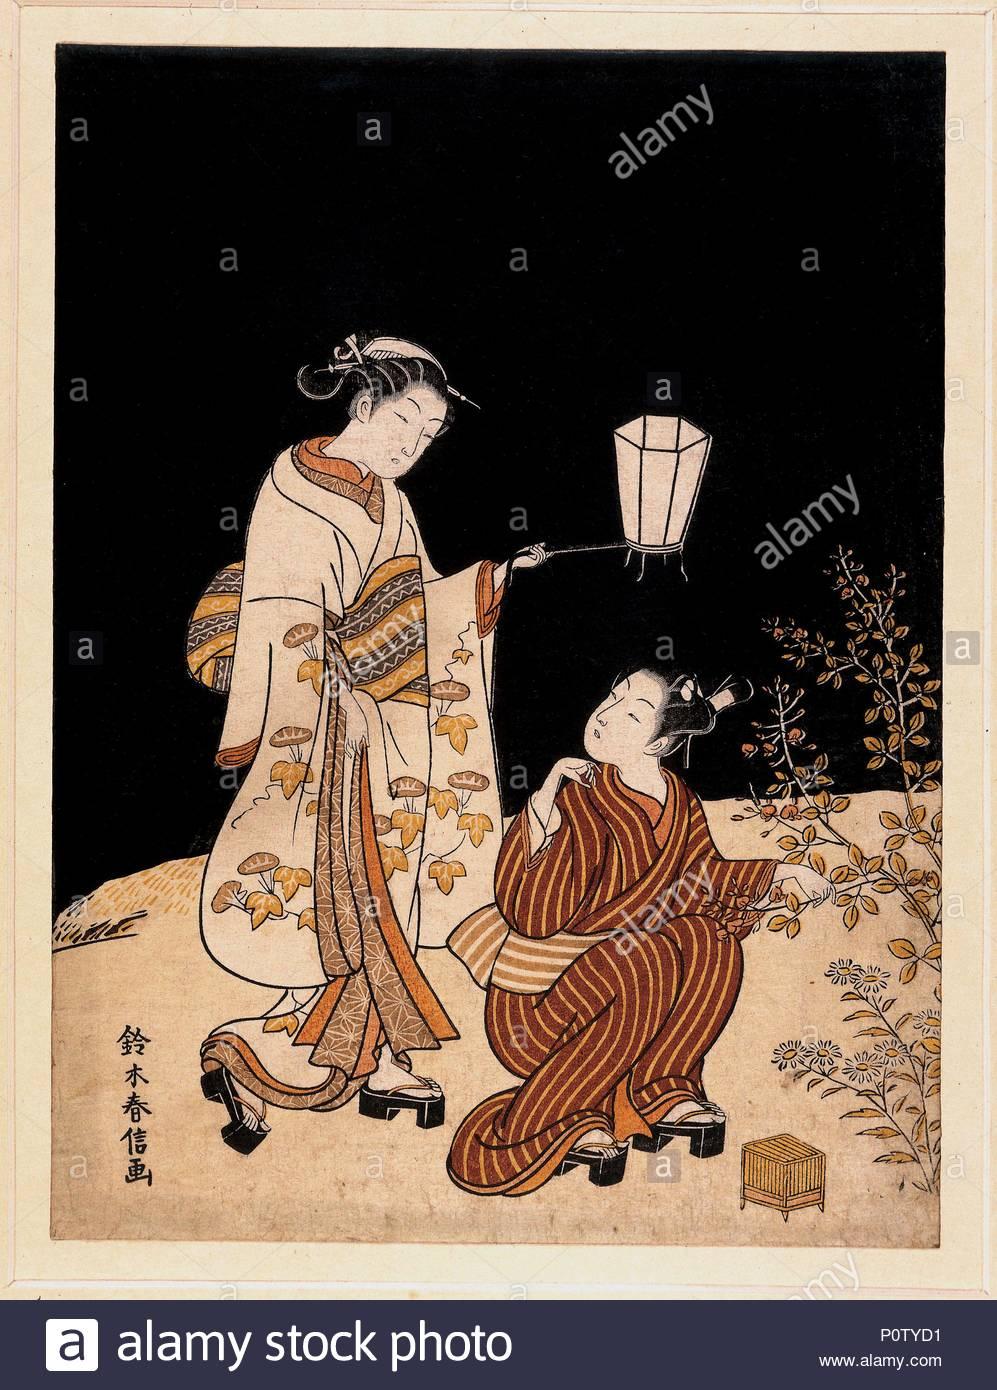 """""""Die Jagd auf Insekten, Japan, Edo Periode, c 1768. Ein Liebespaar Jagd auf Insekten, wahrscheinlich Glühwürmchen oder zirpende Grillen, auf einer frühen Herbst Nacht. Einen kleinen Käfig bereit ist, auf den Boden, während der junge Mann sucht durch eine Pflanze von Bush clover. Er dreht sich für einen Moment ein intimer Blick mit der Frau, die trägt eine elegante Kimono mit einem Muster der Blüte morning glory auszutauschen. Der schwarze Hintergrund muss mehrmals gedruckt wurden die weiche samtige Tiefe, gegen das die beiden Figuren und Laterne stand, um eine solche Wirkung hervorzurufen. Suzuki Harunobu war einer der Ersten, der Ukiyo-e Arti Stockbild"""